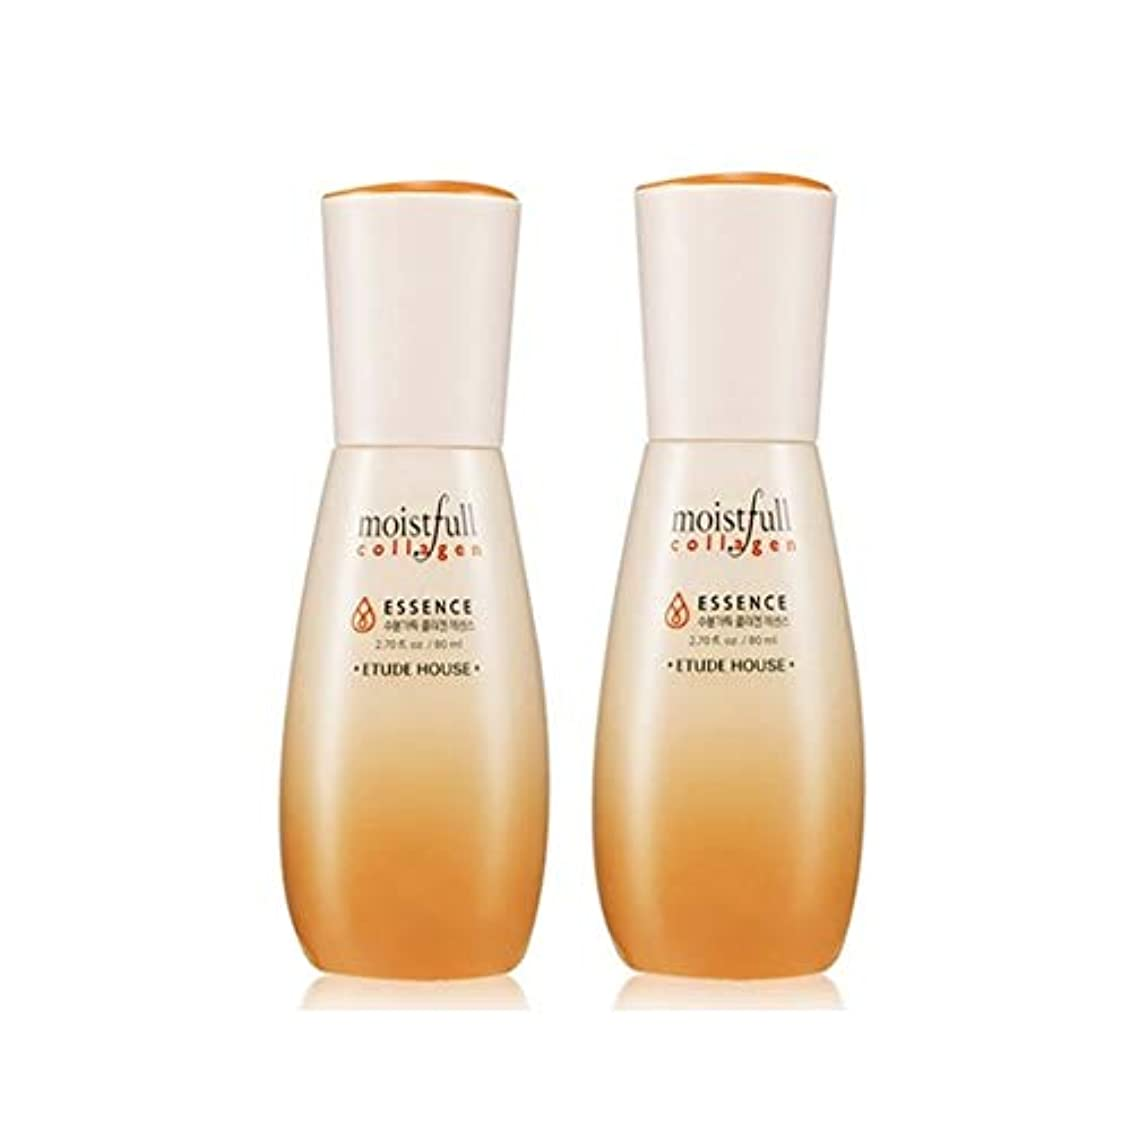 ネクタイ壮大腫瘍エチュードハウス水分いっぱいコラーゲンエッセンス80ml x 2本セット韓国コスメ、Etude House Moistfull Collagen Essence 80ml x 2ea Set Korean Cosmetics...